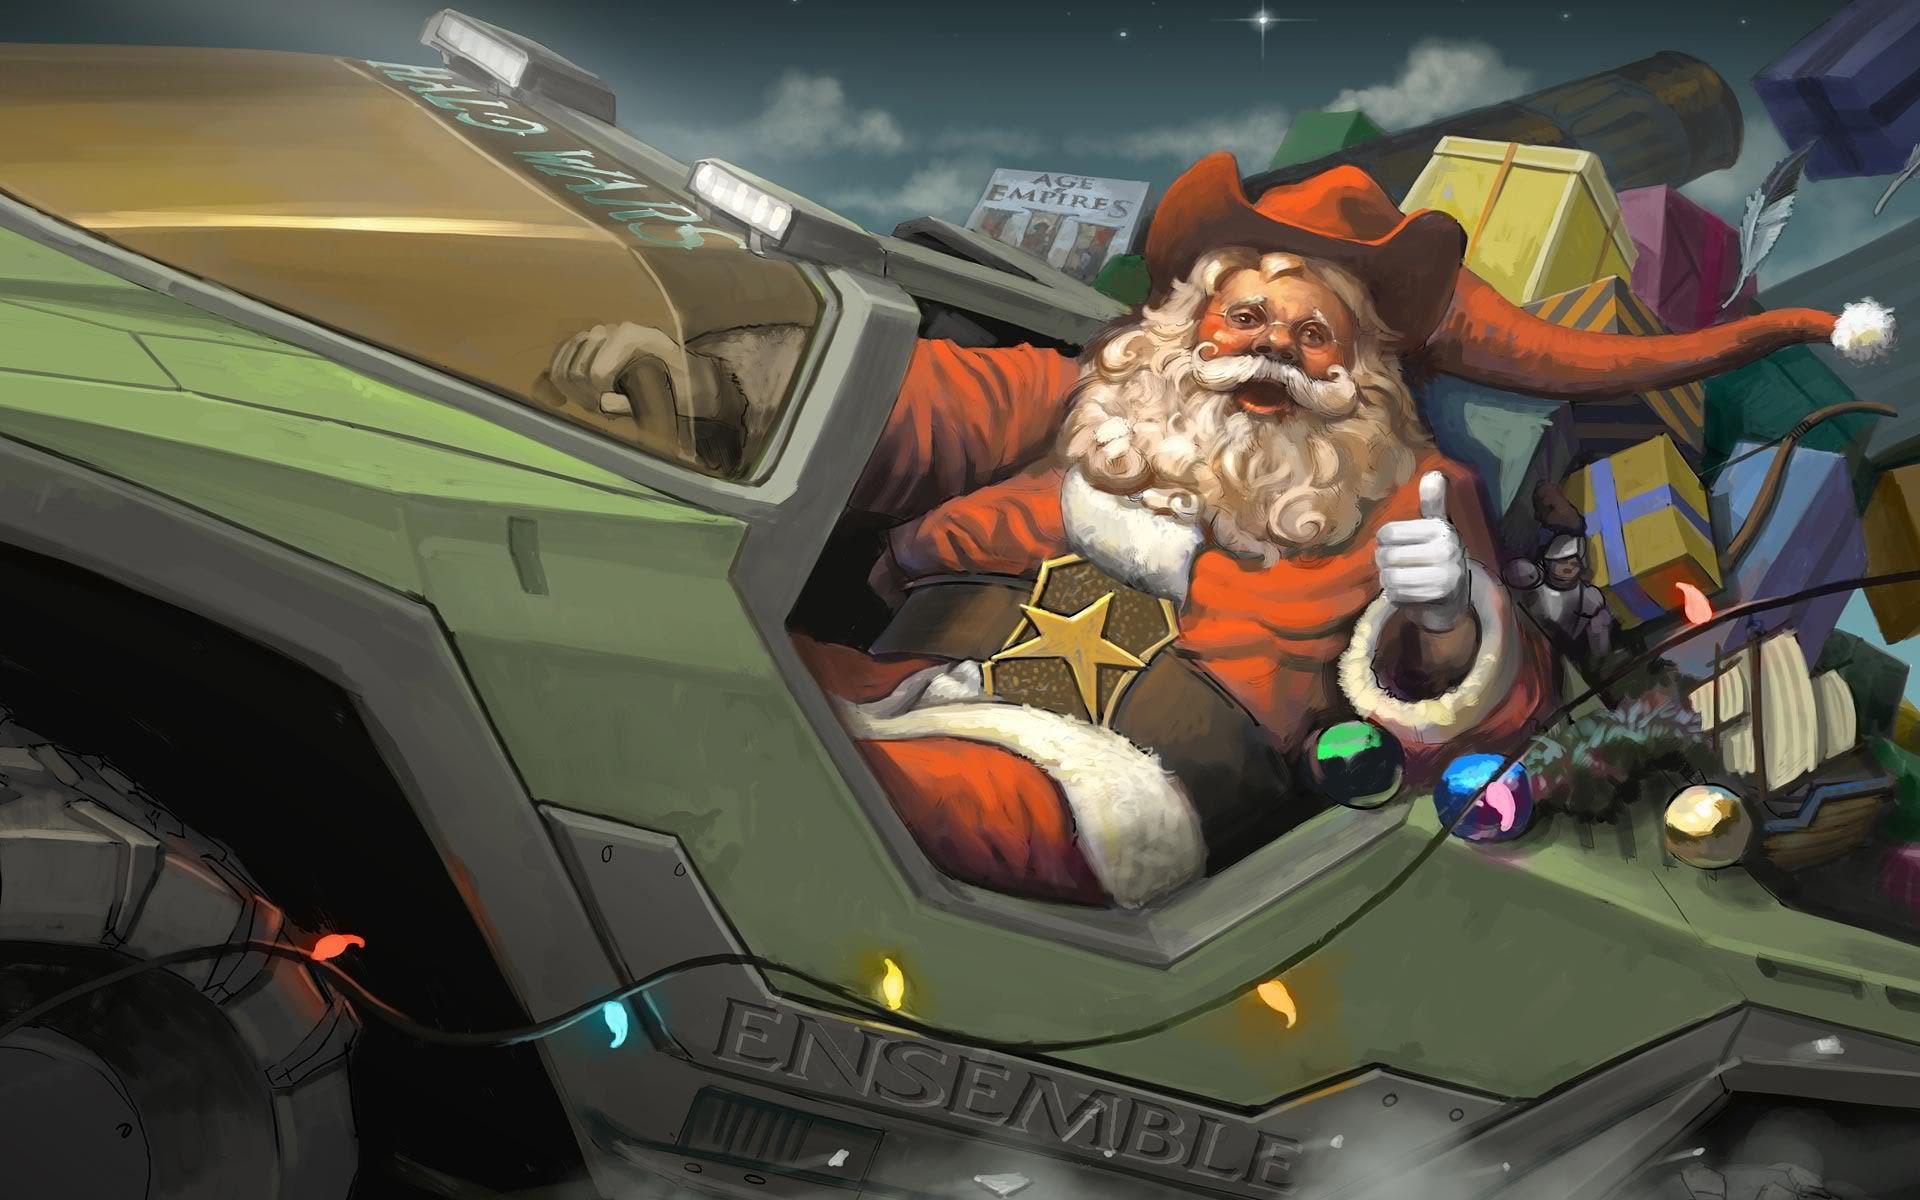 Военный Санта клаус - C Рождеством Христовым поздравительные картинки